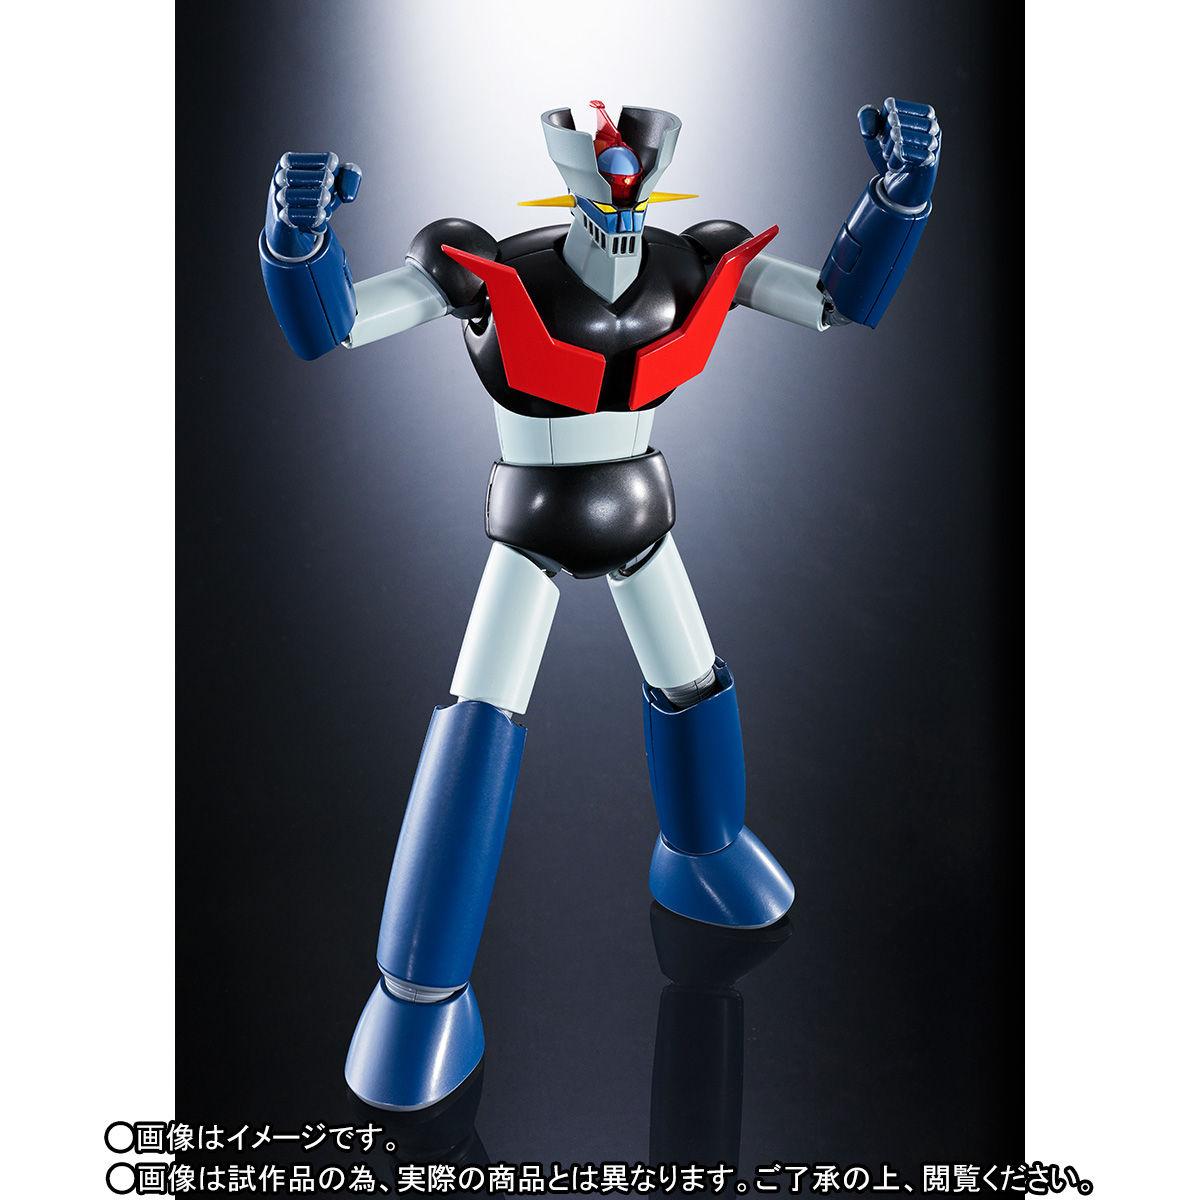 超合金魂 GX-70SP『マジンガーZ D.C. アニメカラーバージョン』可動フィギュア-005